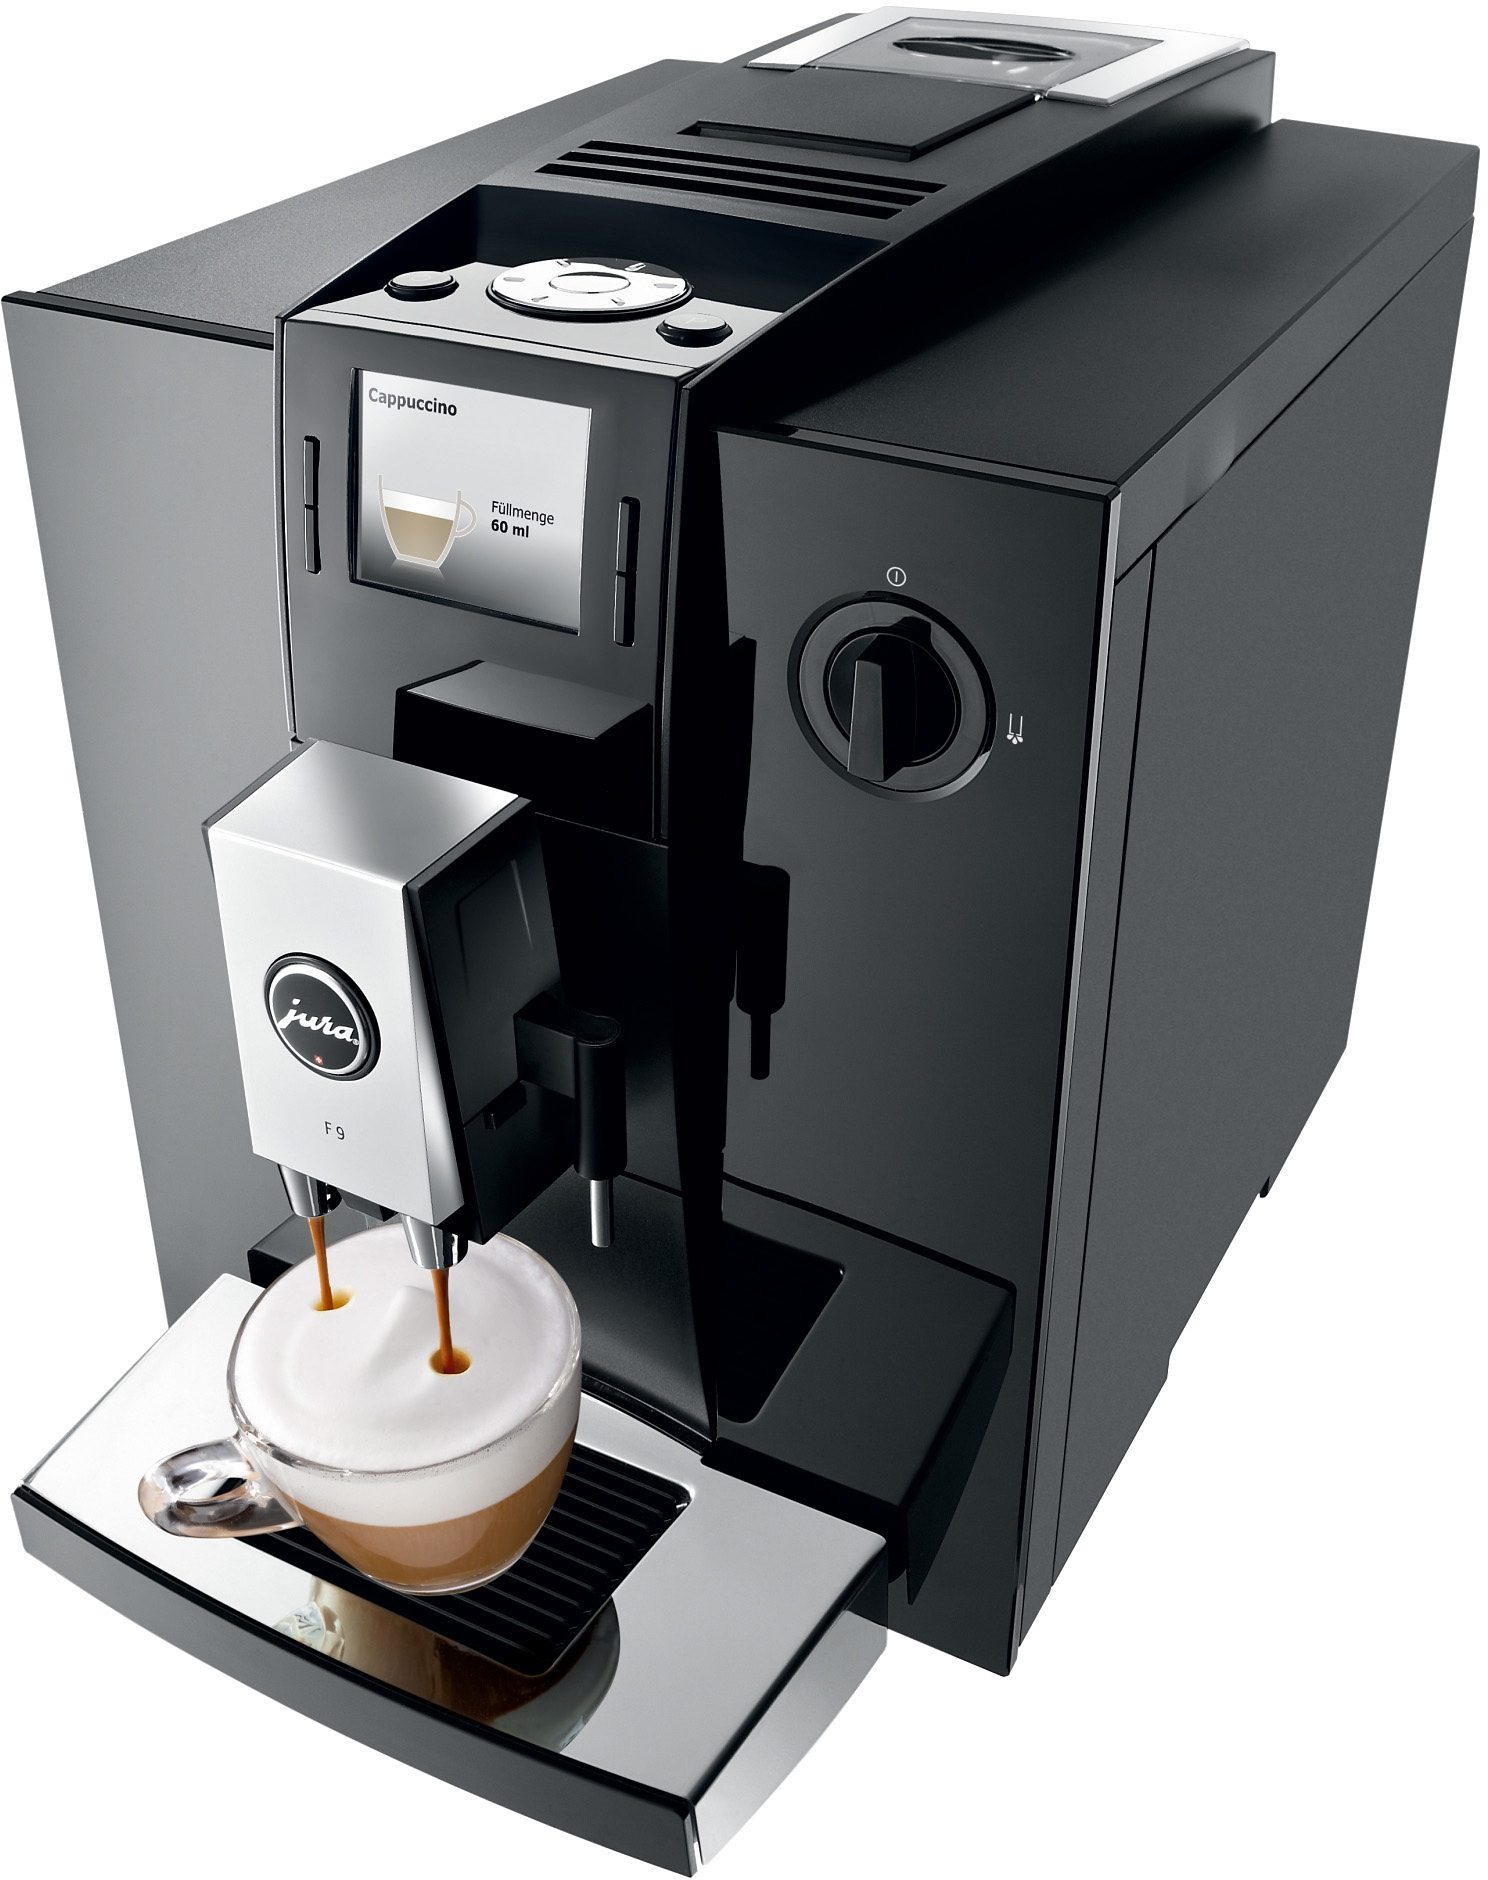 JURA Espresso-/Kaffee-Vollautomat 15127 Impressa F9